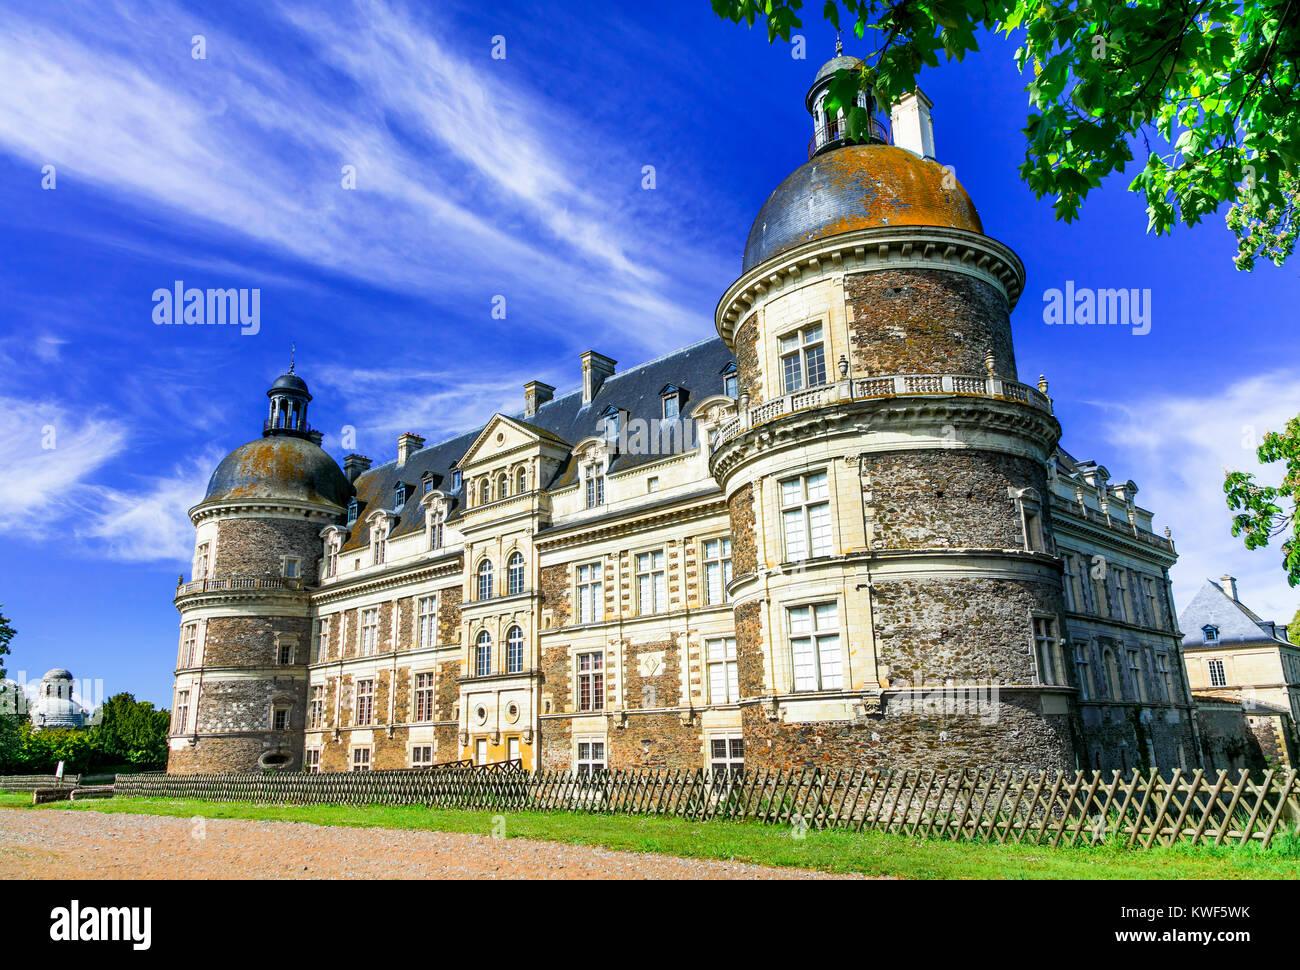 Elegant Chateau de Serrant,Loire valley,France. - Stock Image